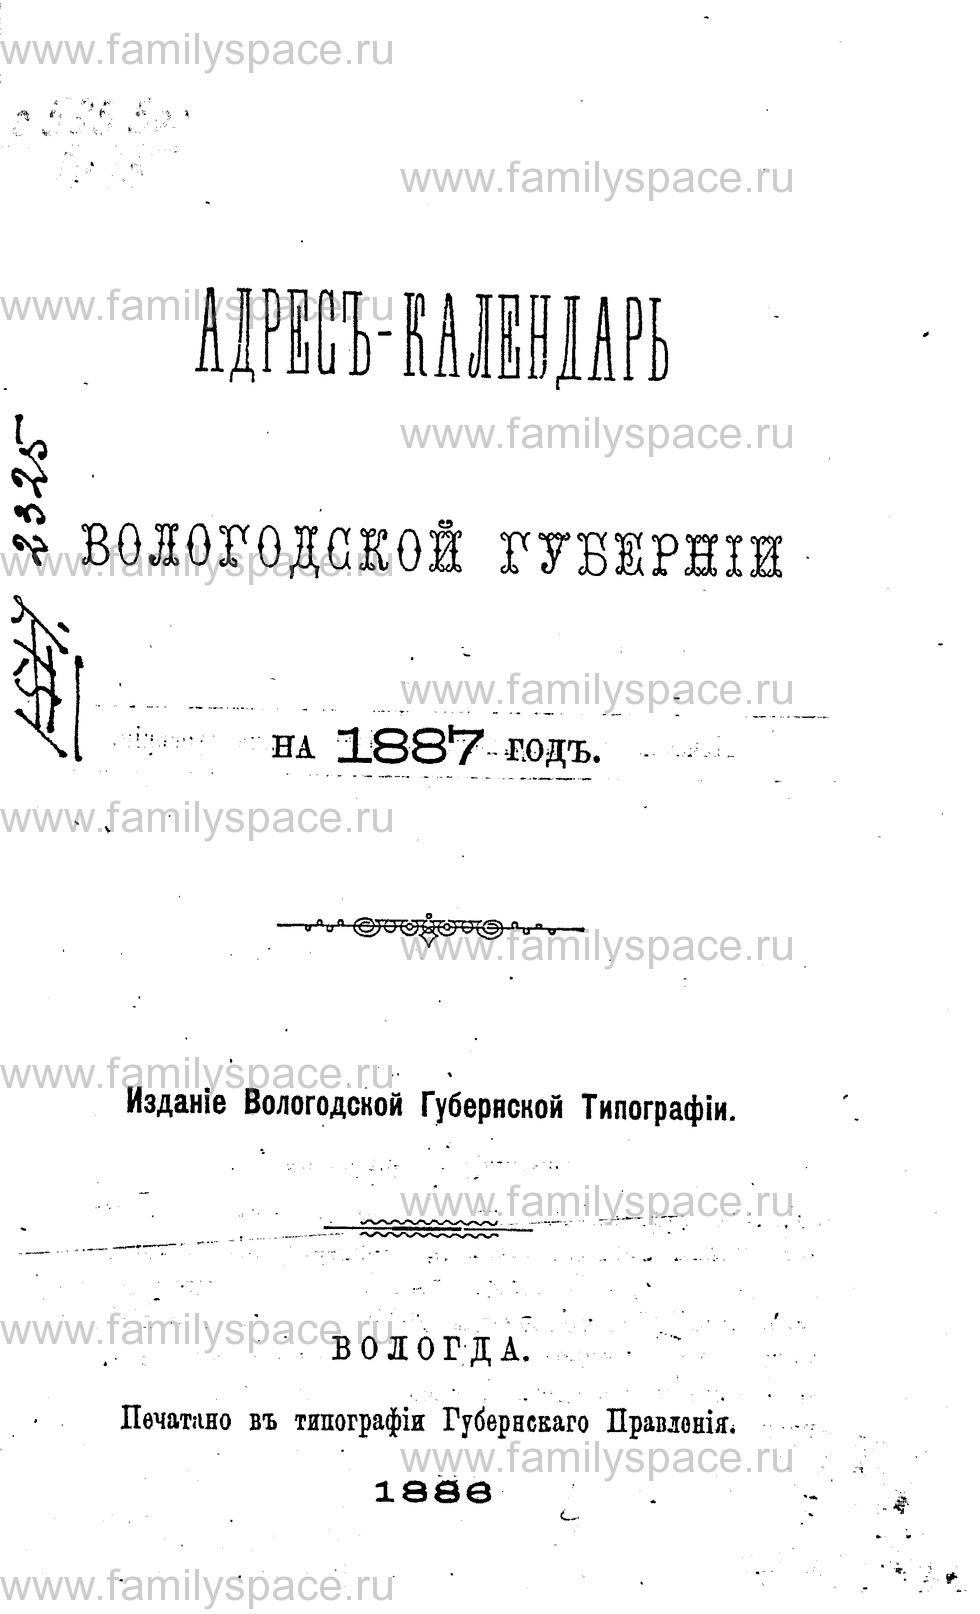 Поиск по фамилии - Адрес-календарь Вологодской губернии на 1887 г, страница 1